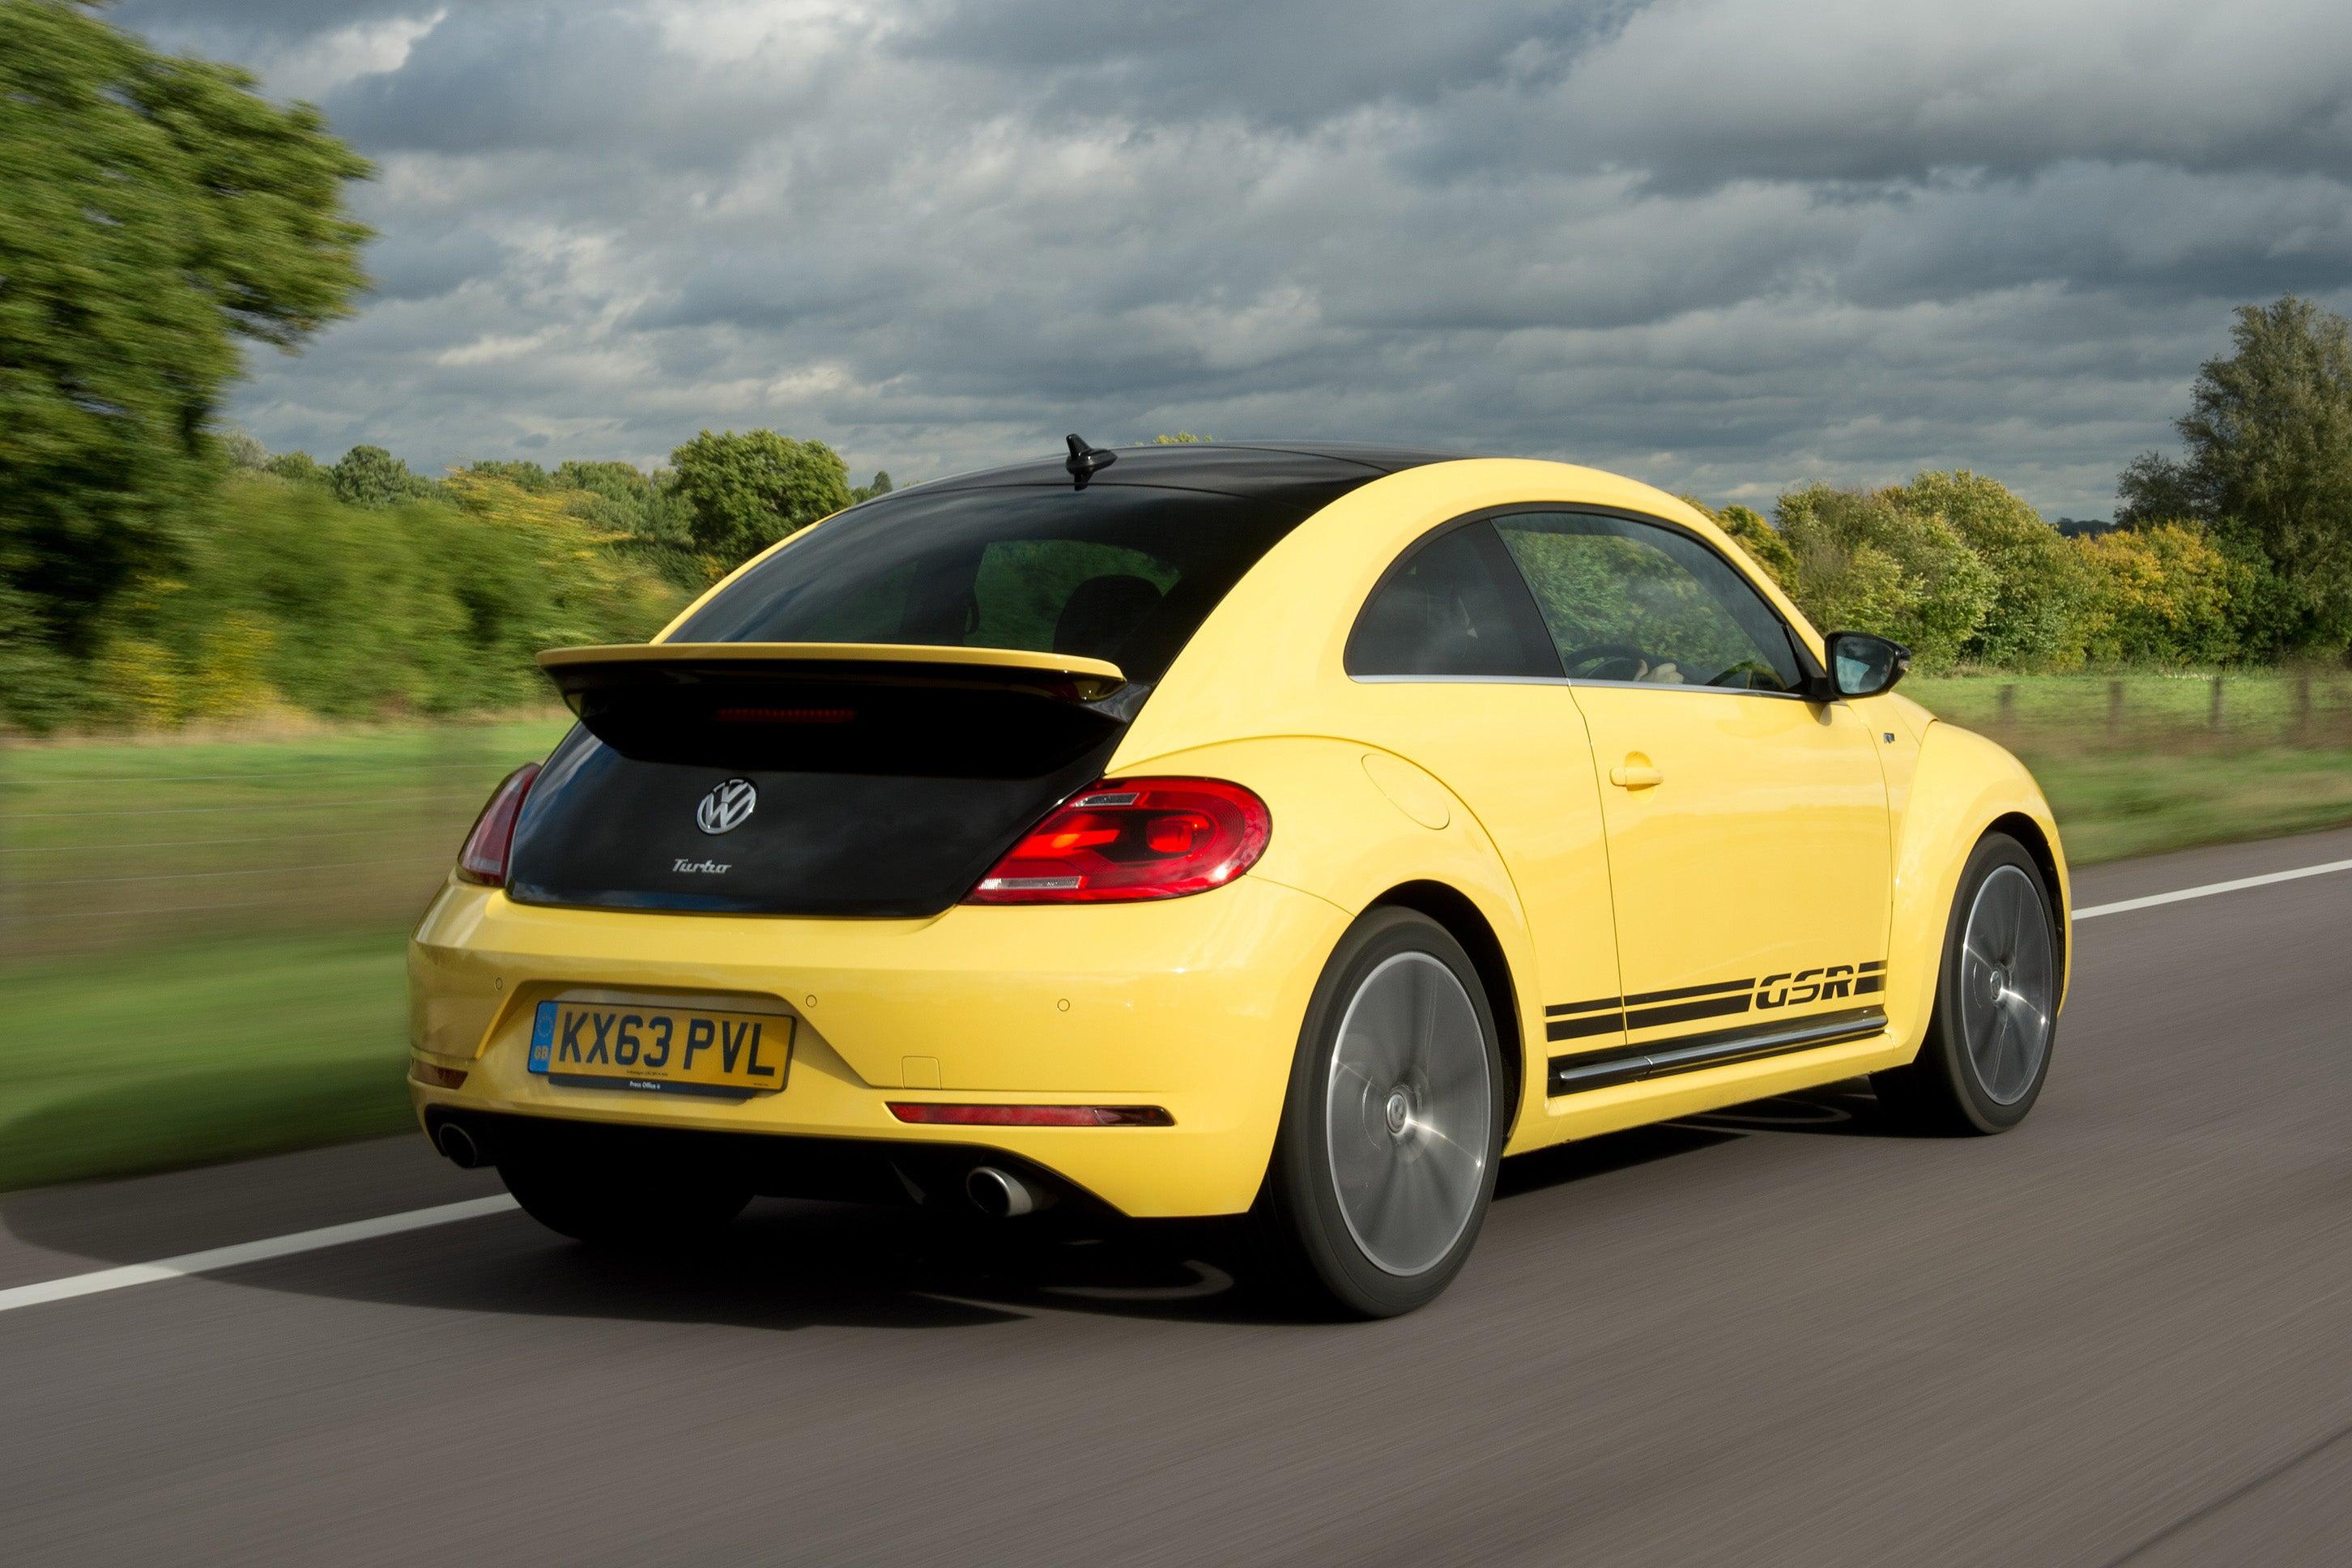 Volkswagen Beetle Rear Side View